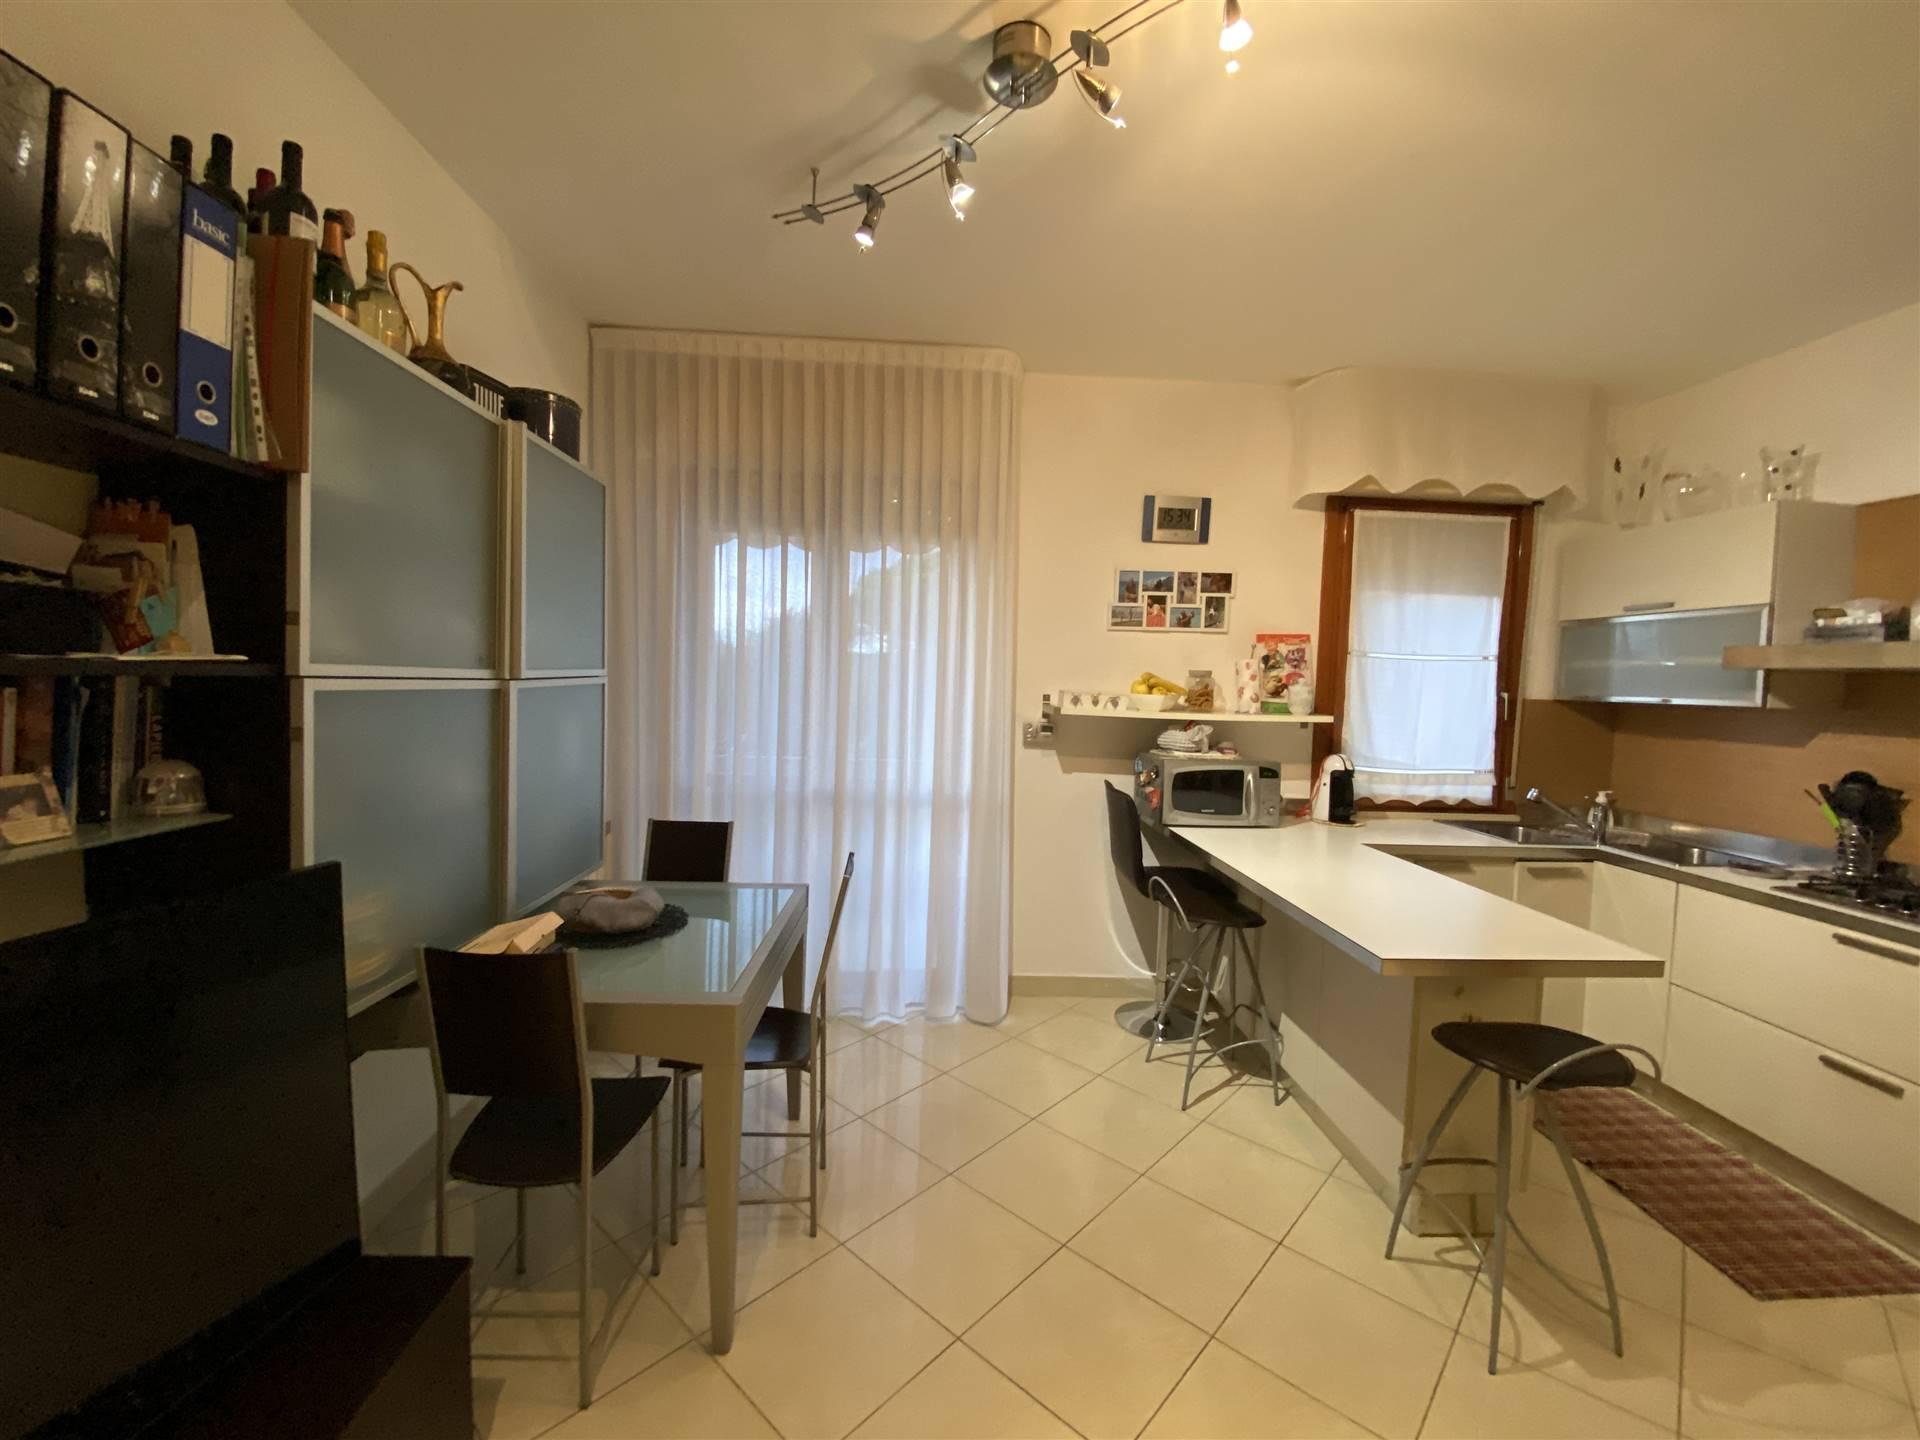 Rif. B261 SANT'ANNA: Vendesi appartamento di 60 mq al piano primo, composto da soggiorno con cucina a vista, camera matrimoniale, cameretta, bagno,